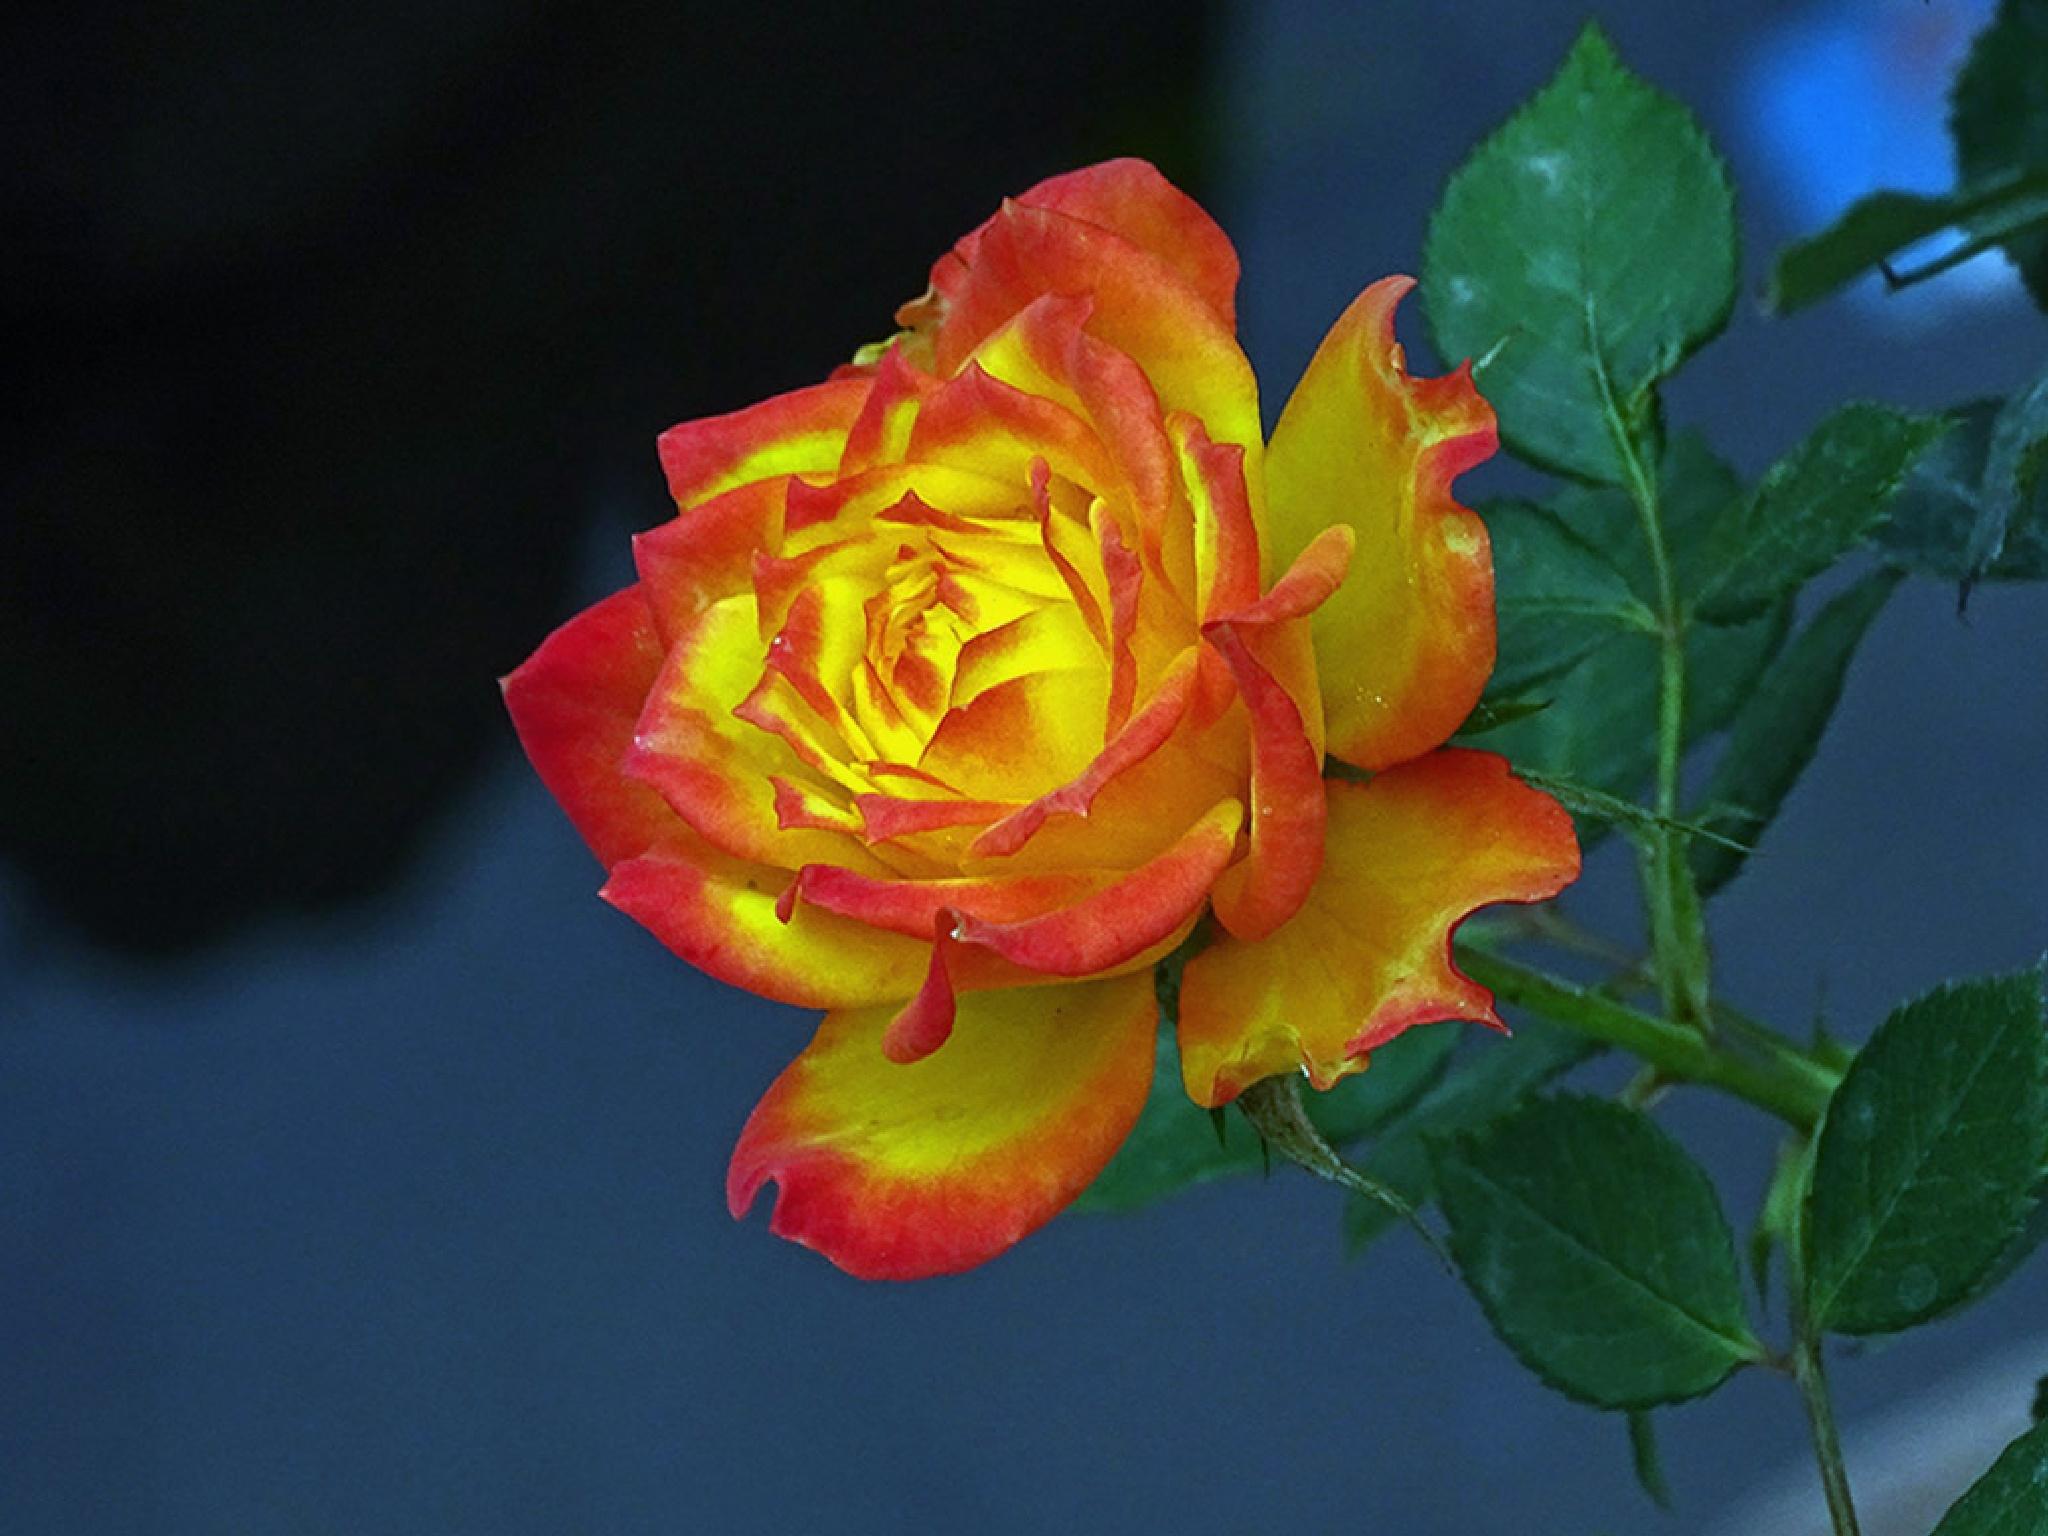 Rose 1 by Jamal -Kurdistan